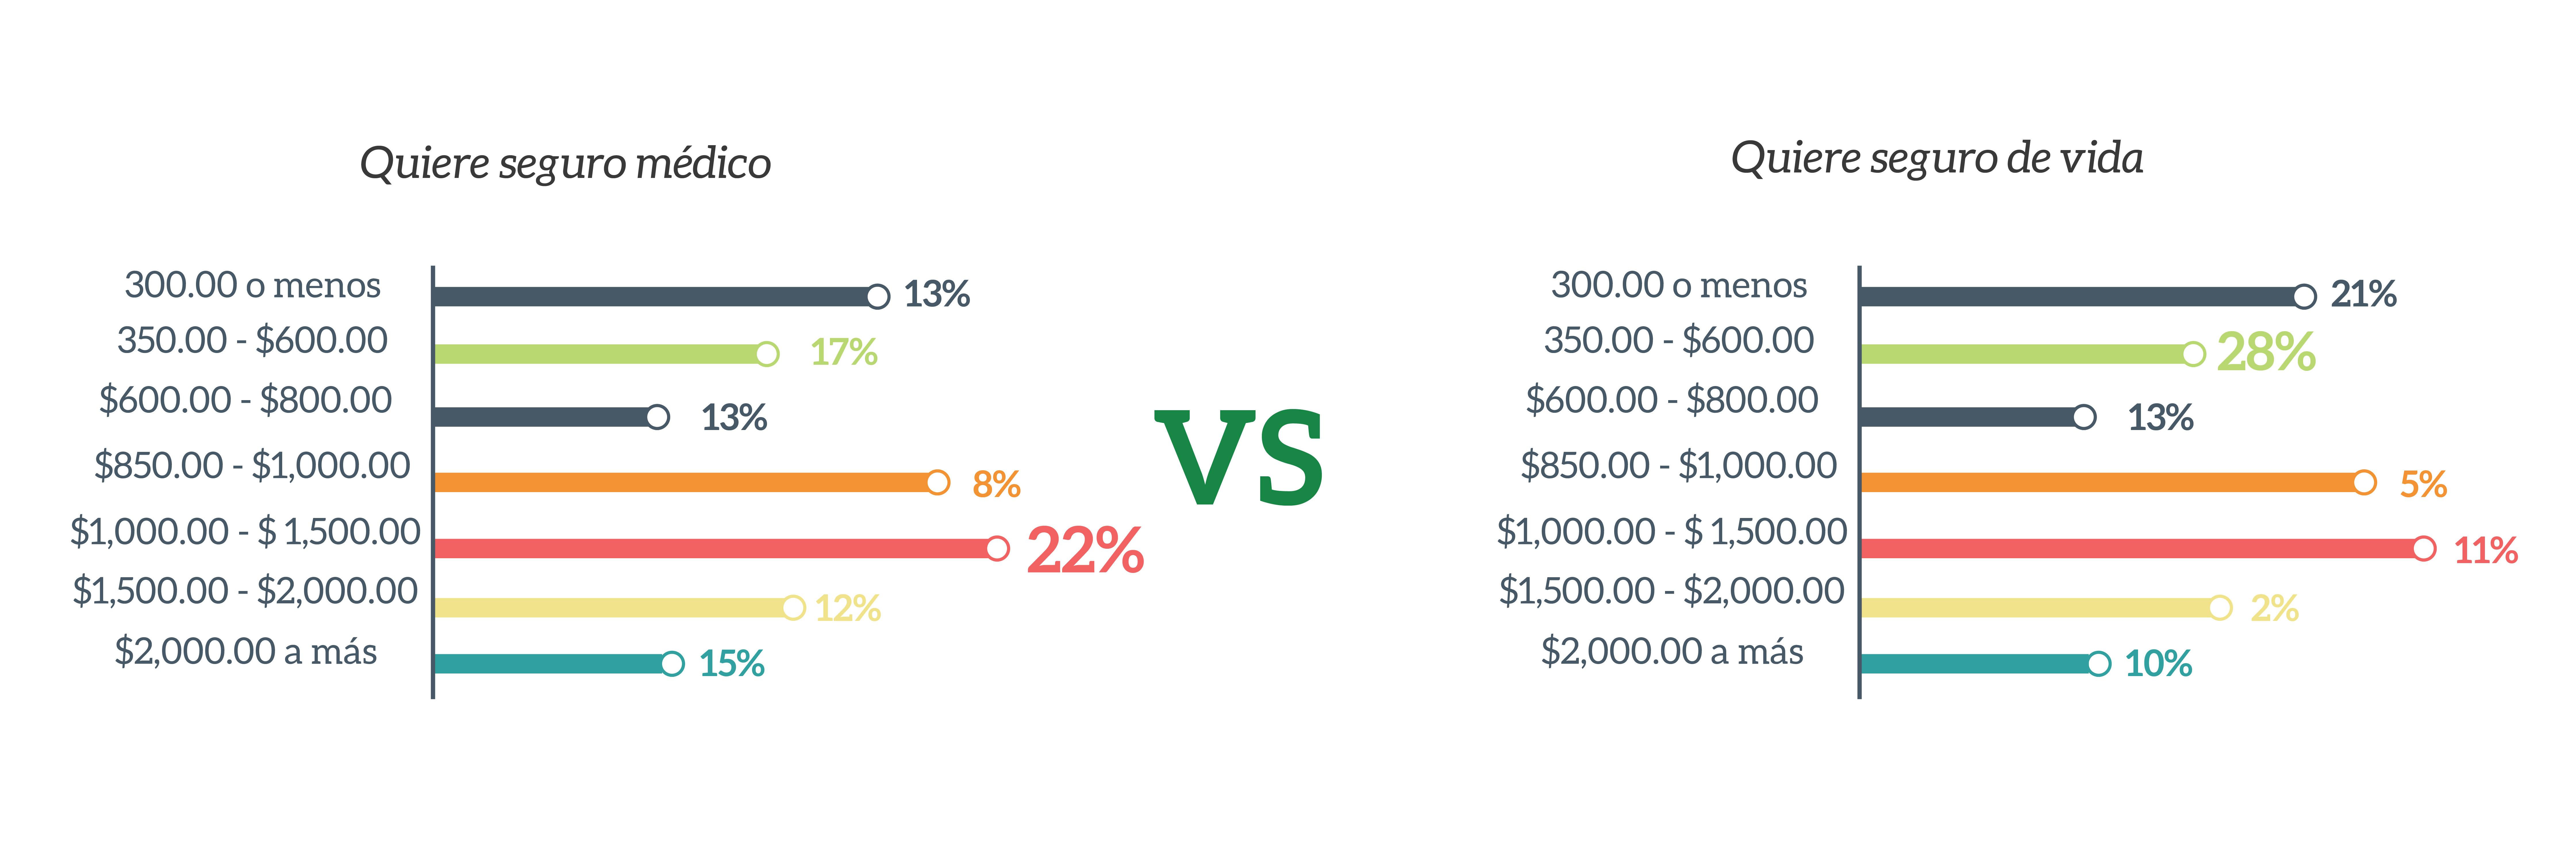 3-comparacion-ingresos1